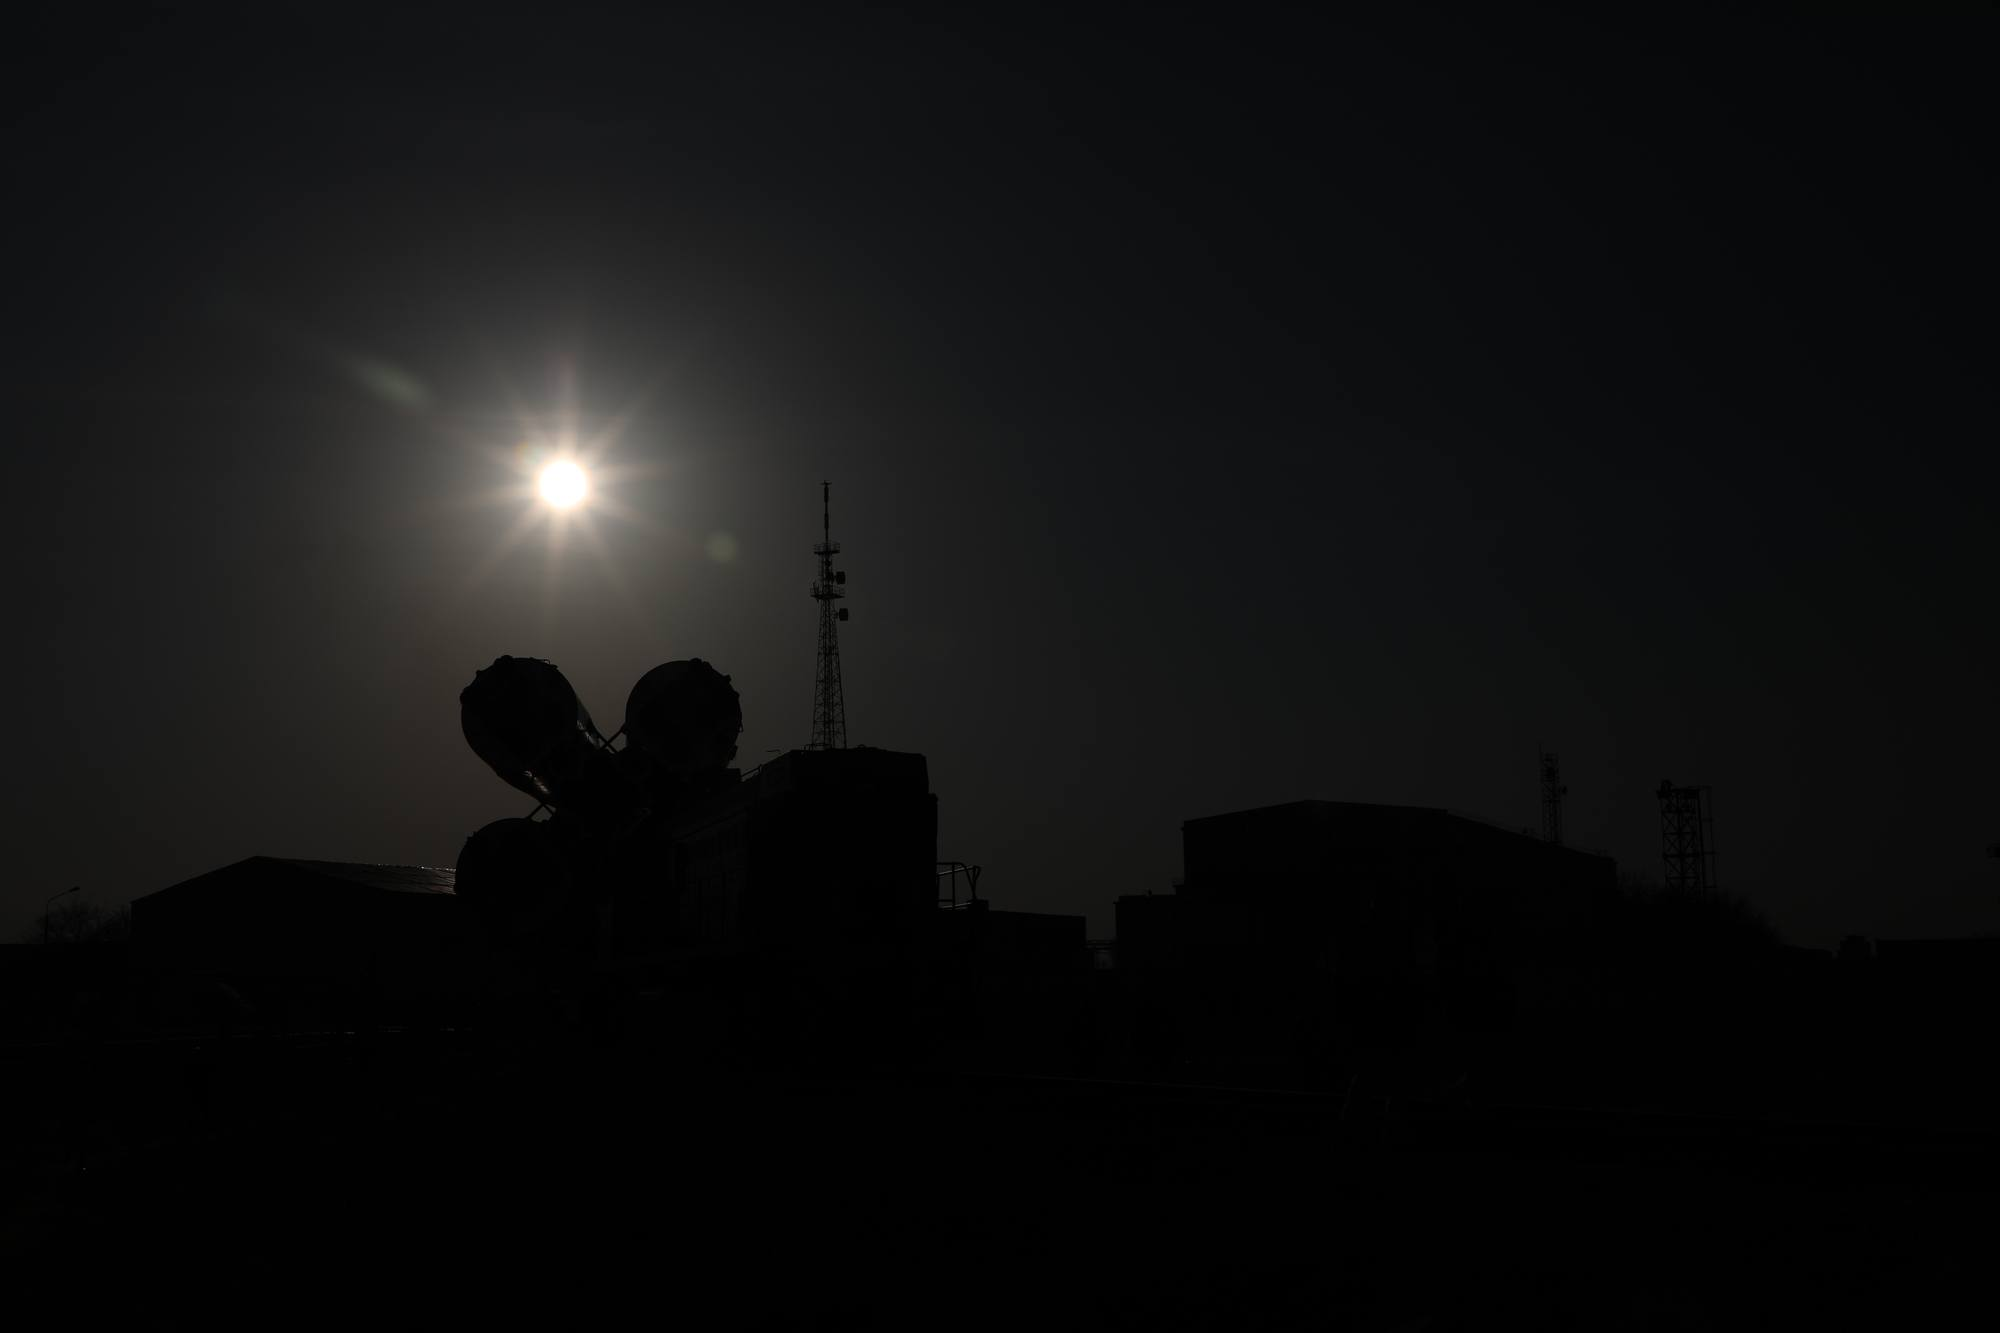 Le lanceur sort du MIK et le soleil se lève.